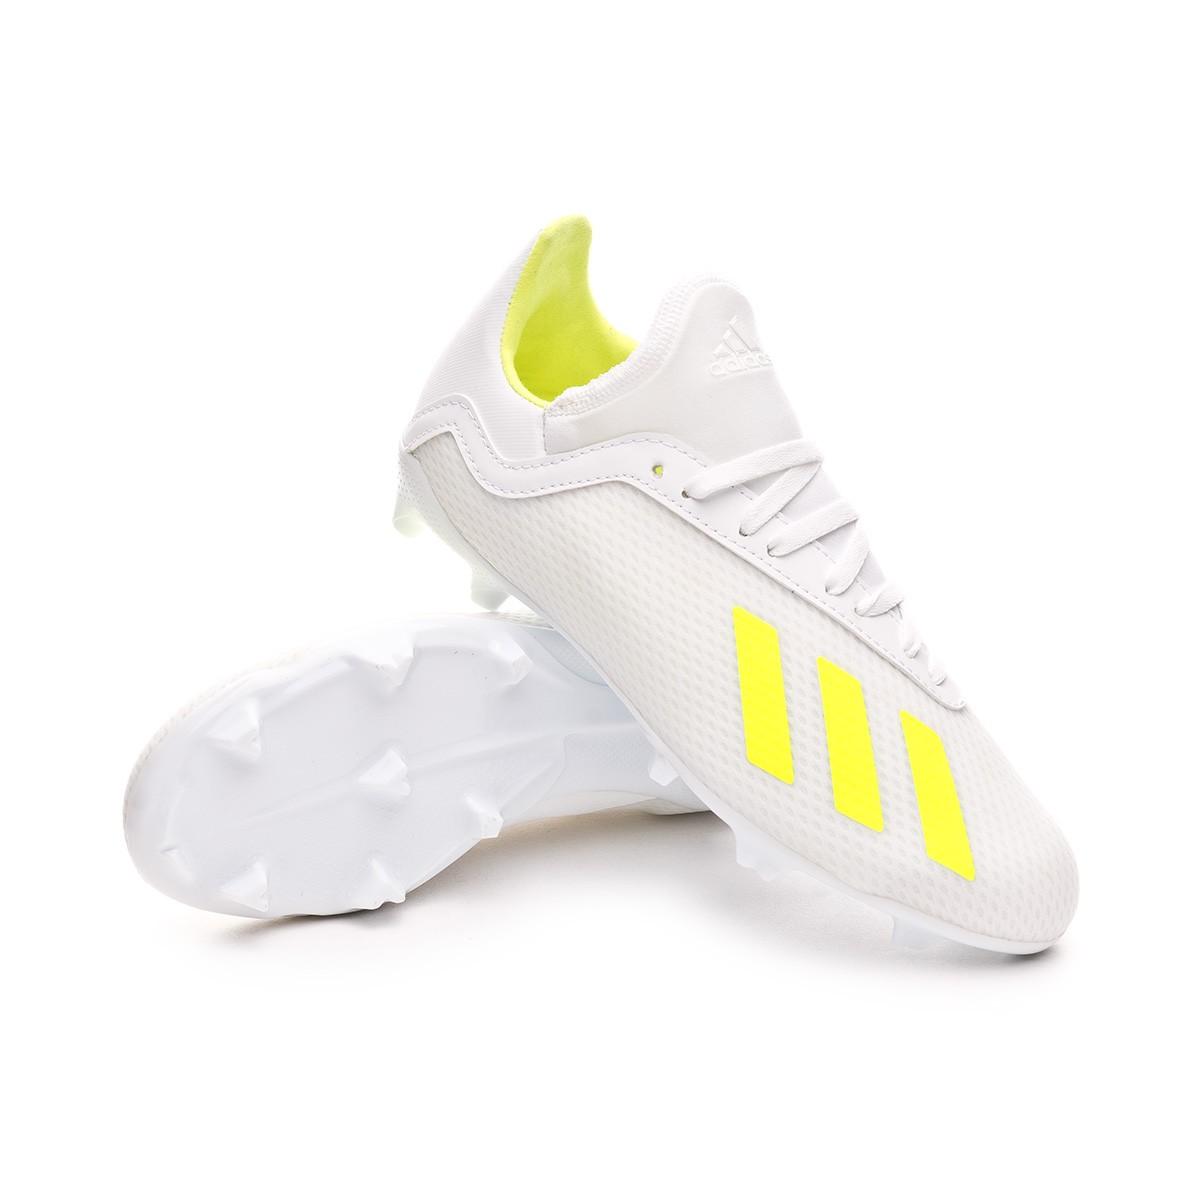 comprar más nuevo barato mejor valorado Para estrenar Football Boots adidas Kids X 18.3 FG White-Solar yellow-White ...